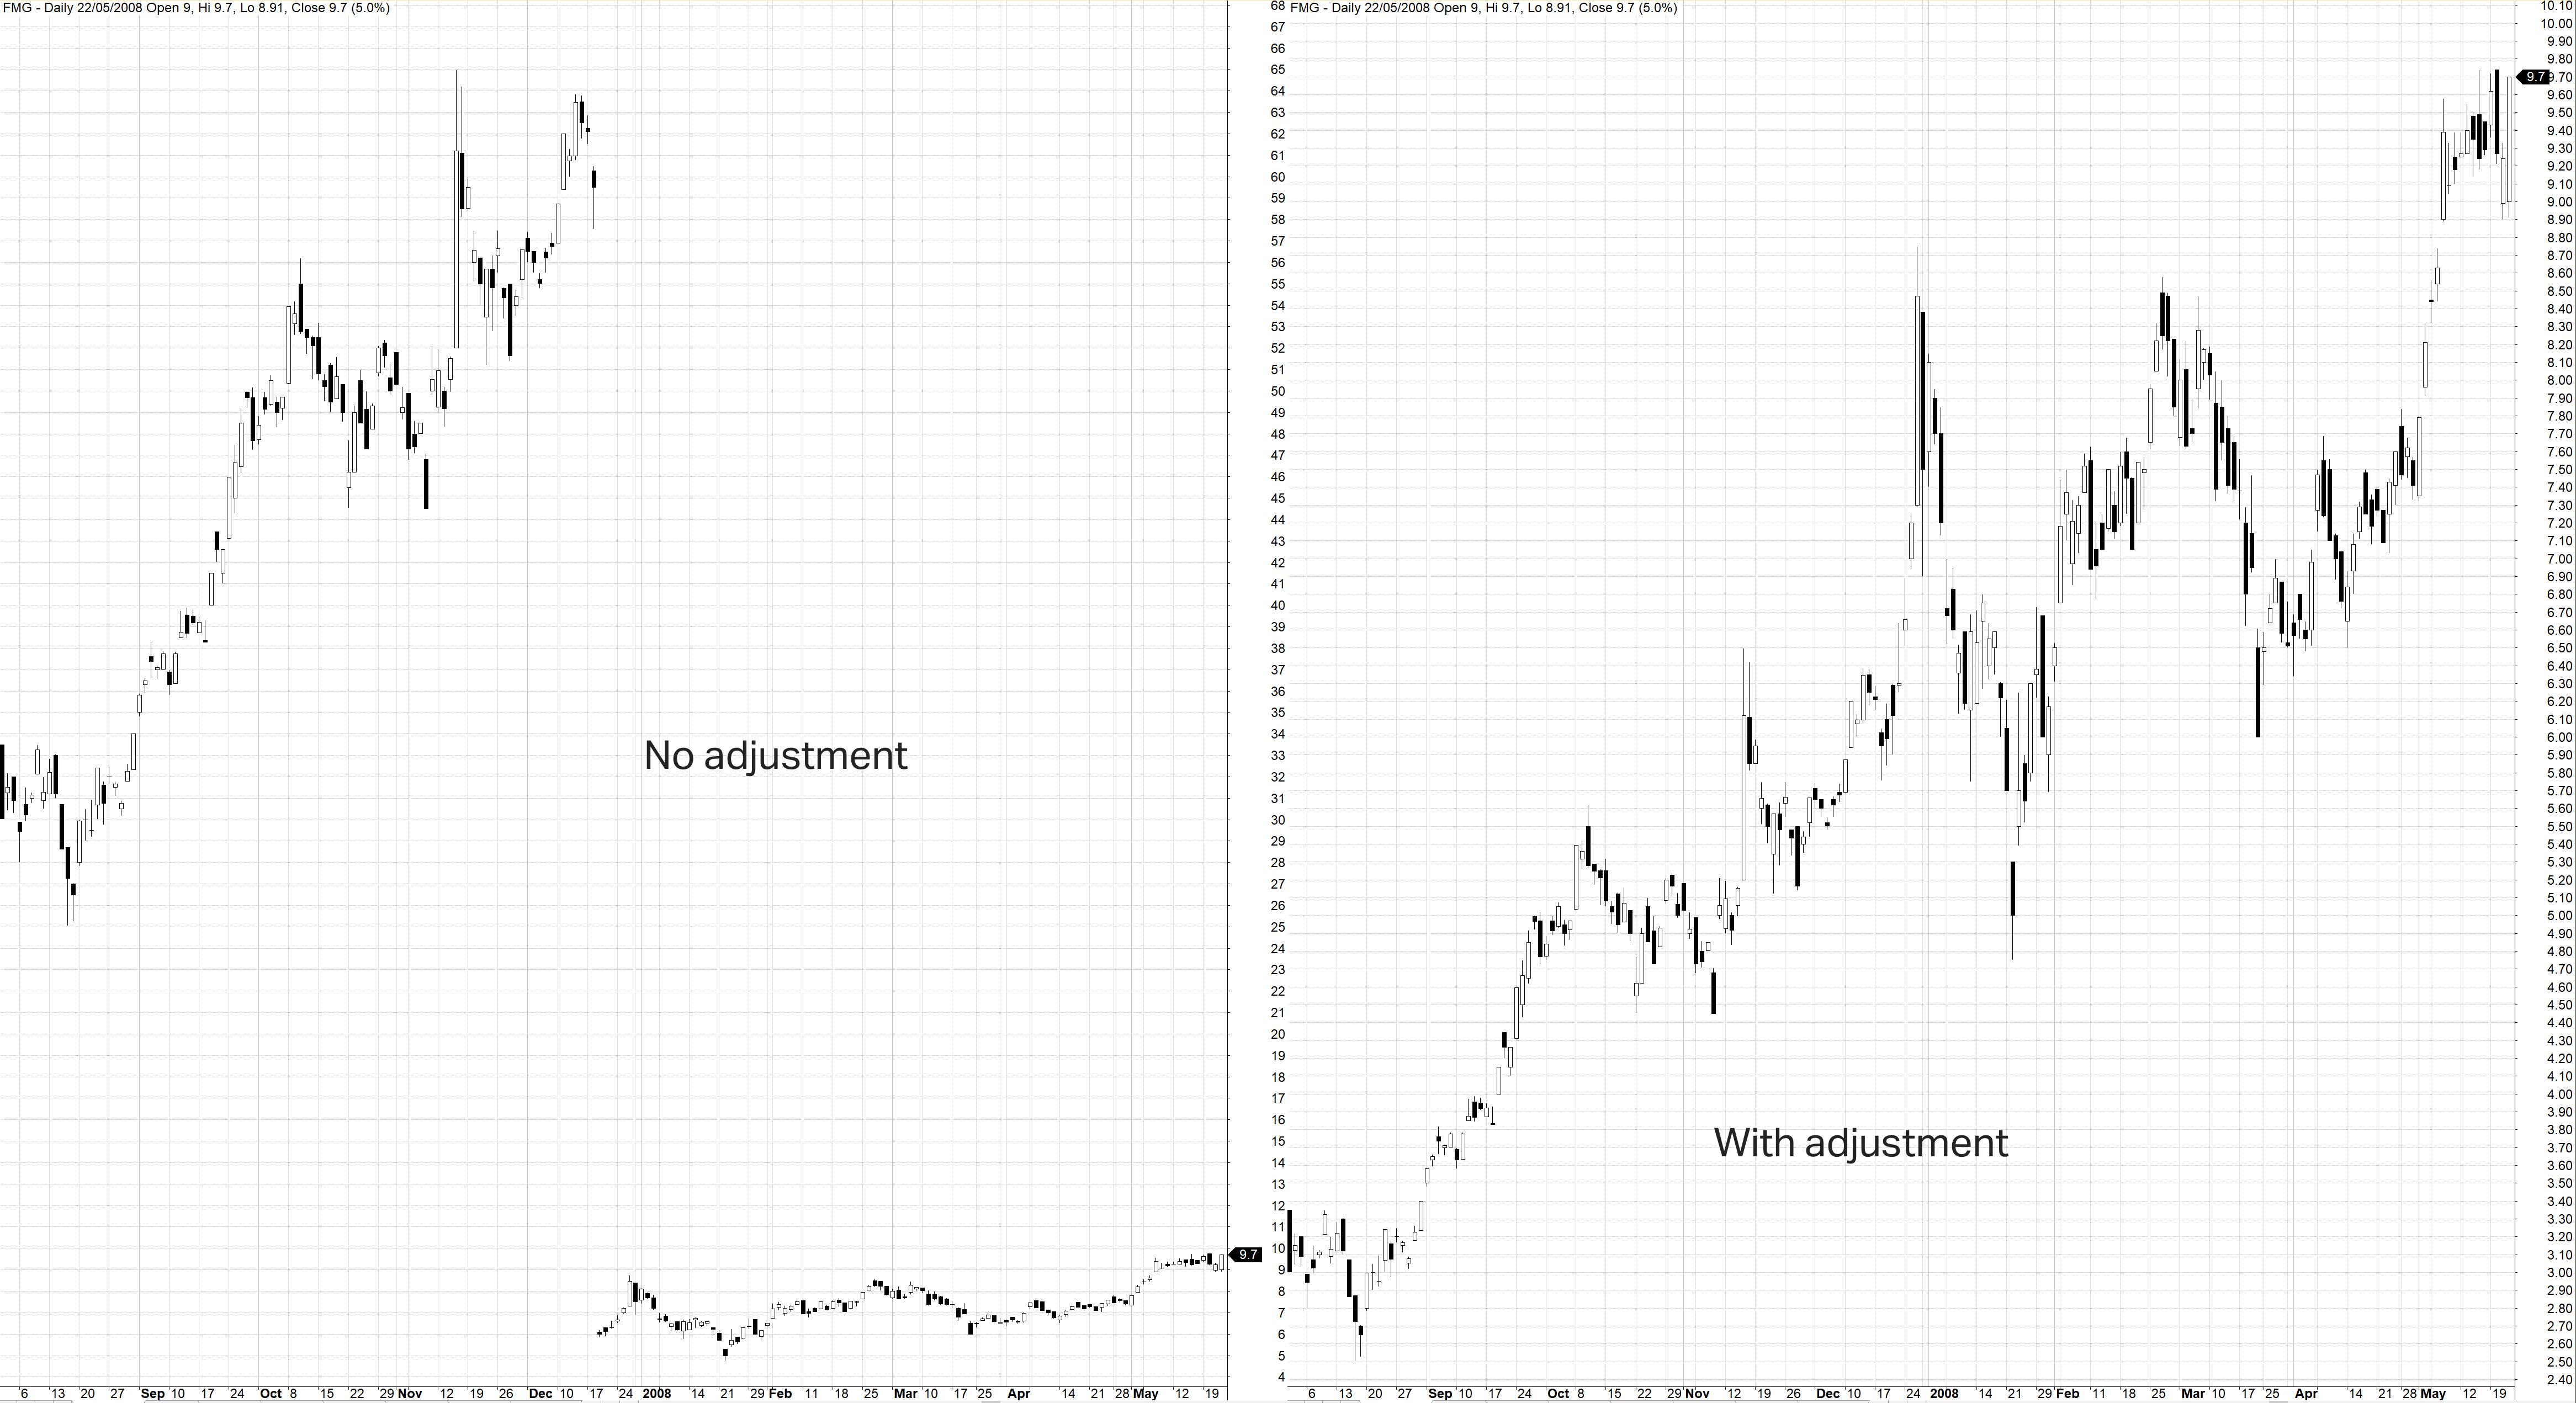 FMG Chart Share Split